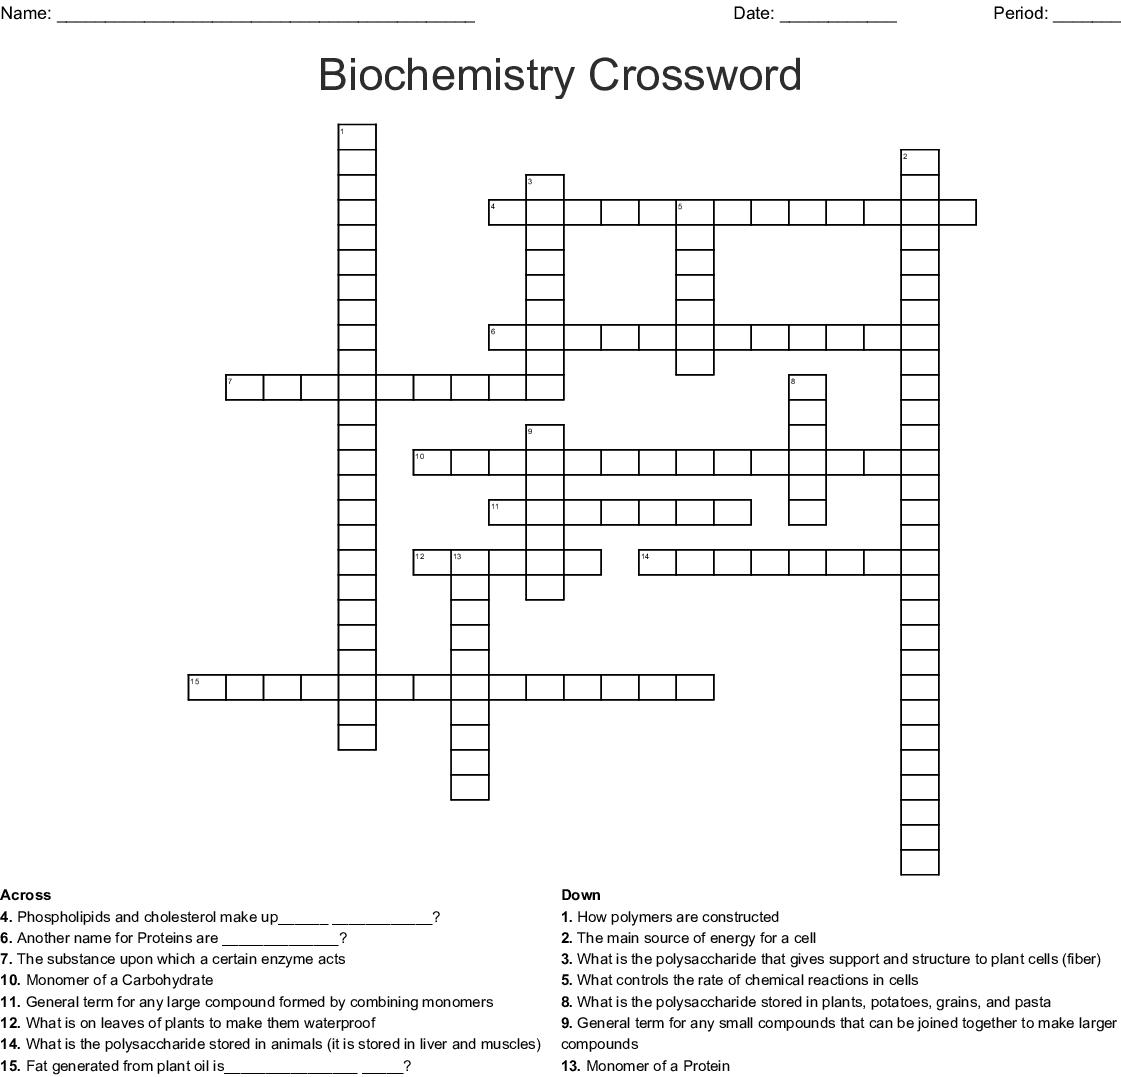 Biochemistry Crossword - WordMint